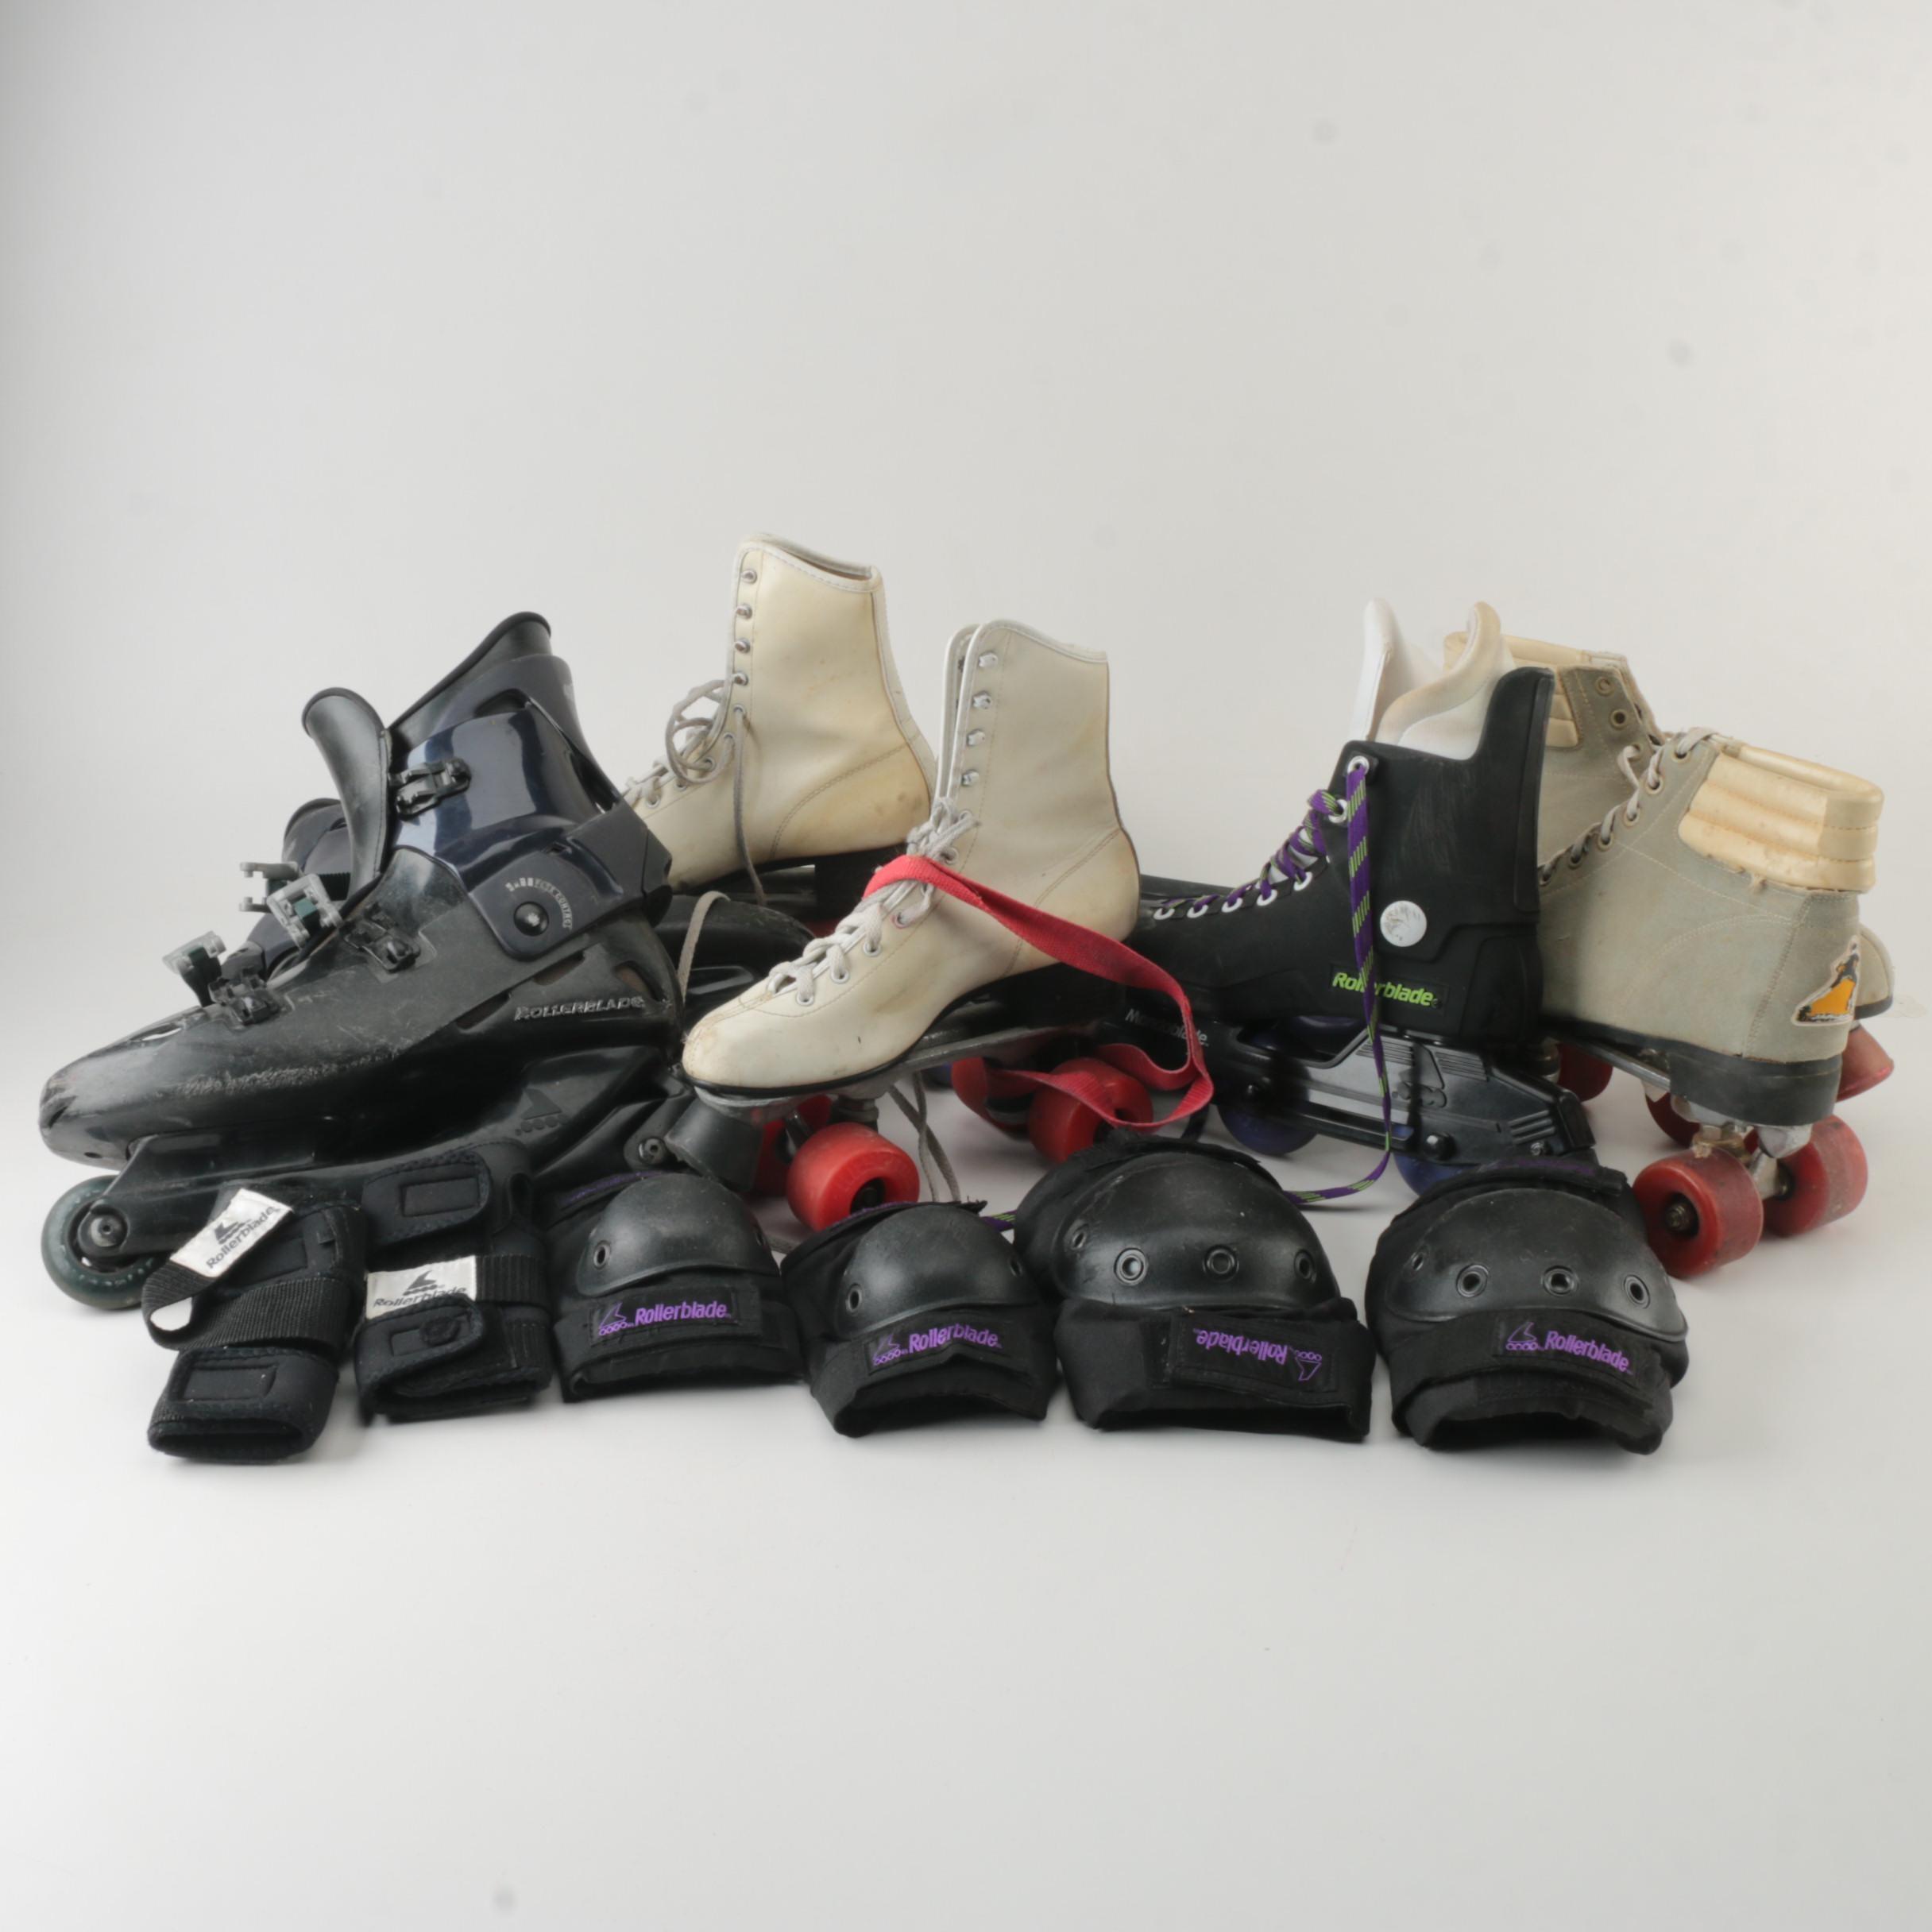 Roller Blade, Roller Skates, and Pads